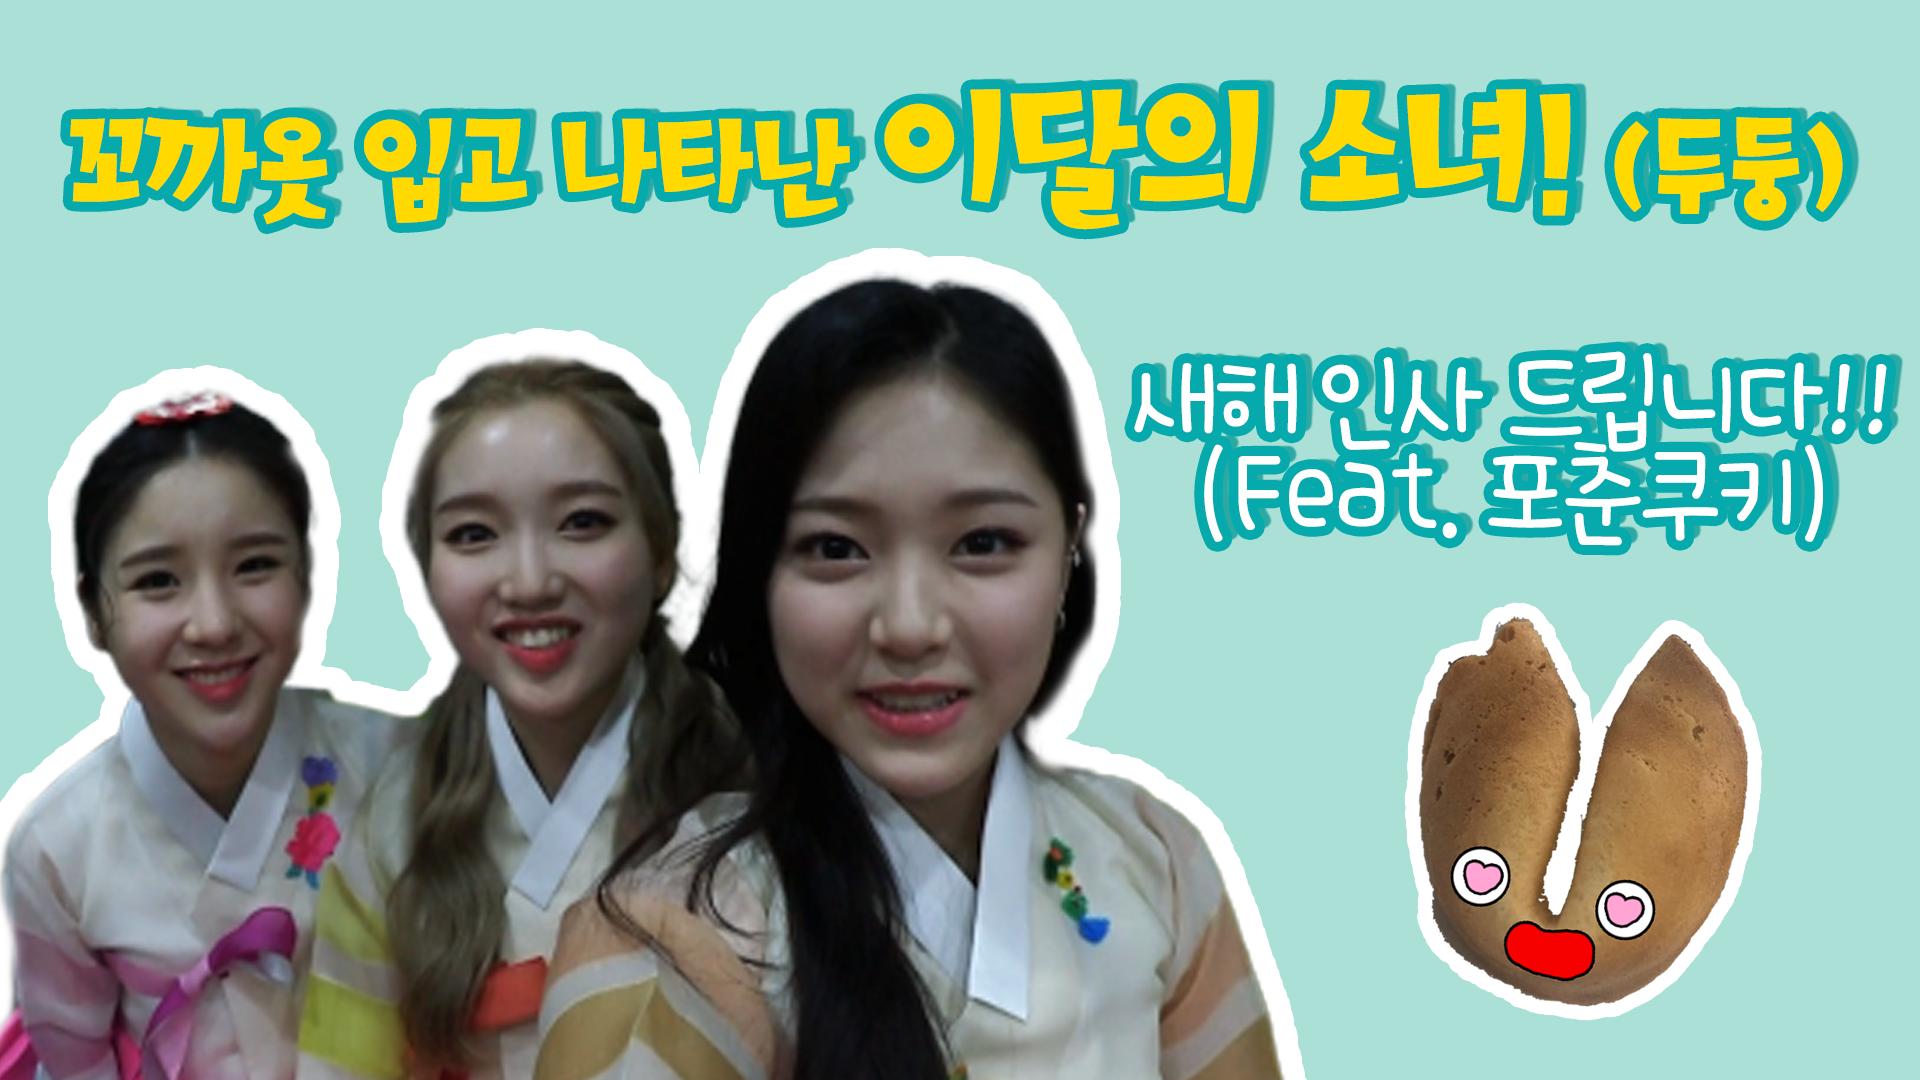 꼬까옷 입고 나타난 이달의 소녀!(두둥) 새해 인사 드립니다!! (Feat.포춘쿠키)